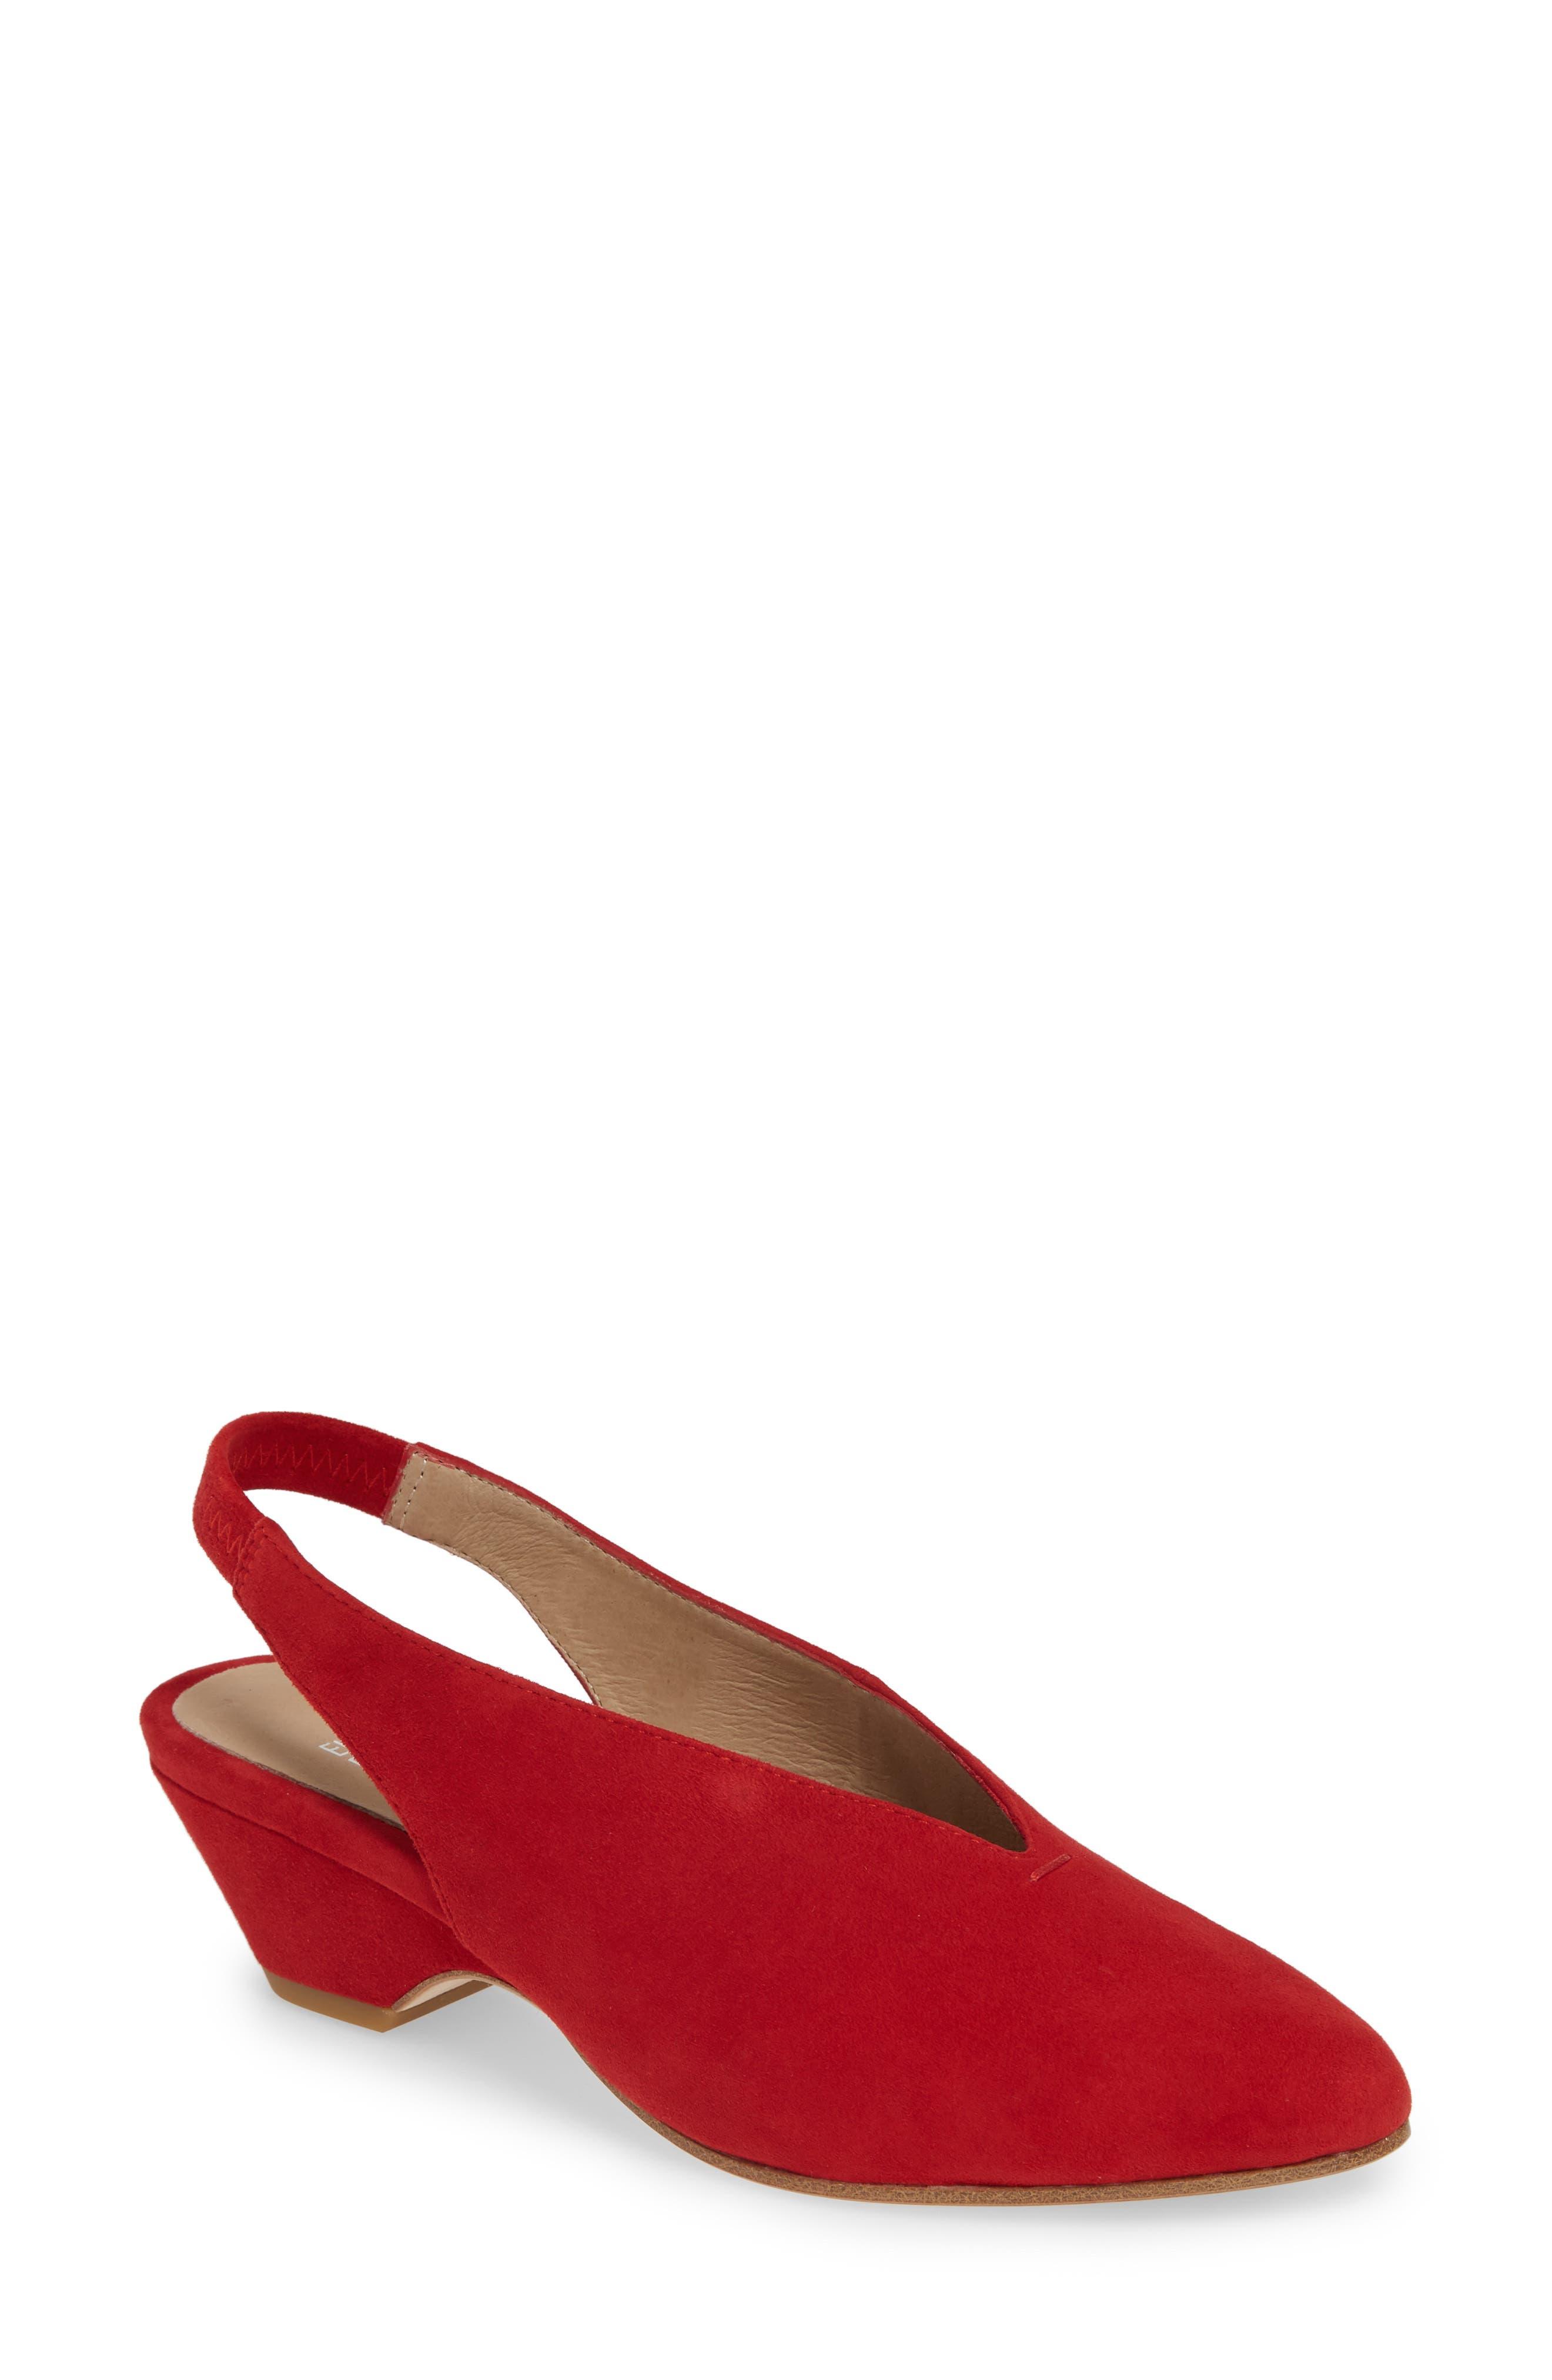 c24ebce2d1c Women's Eileen Fisher Heels | Nordstrom